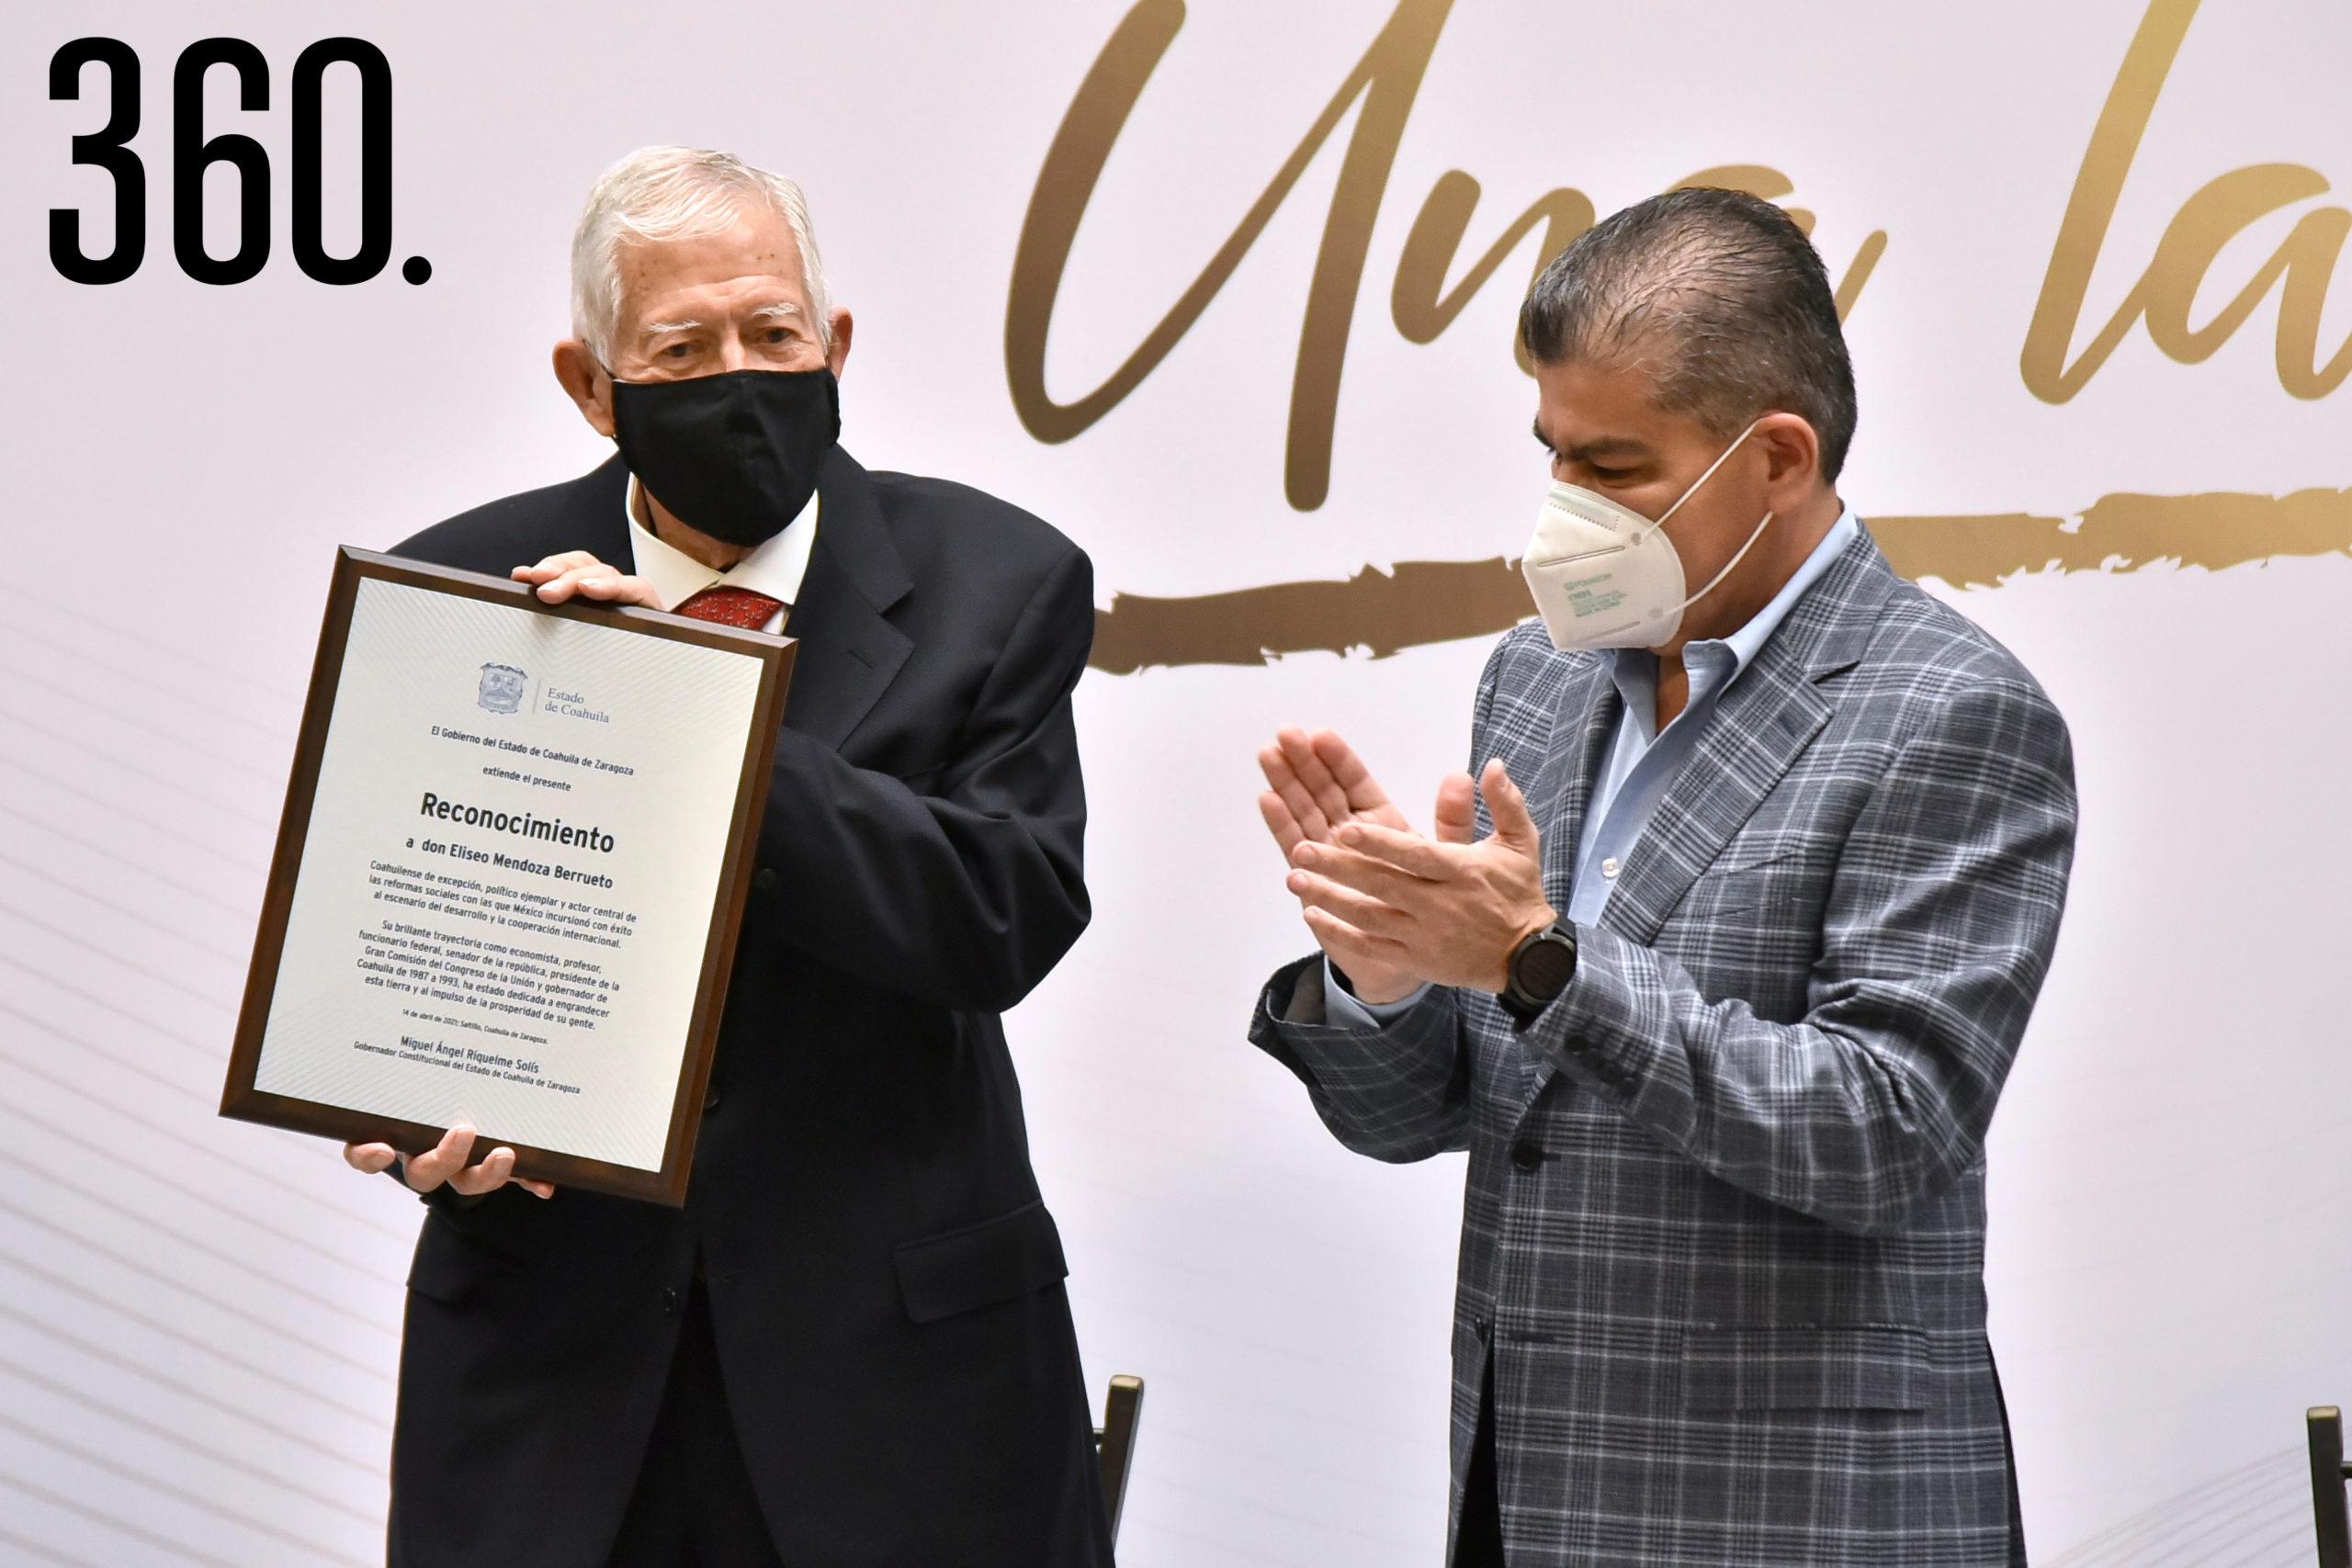 El gobernador Miguel Riquelme entregó el reconocimiento a Eliseo Mendoza Berrueto por su trayectoria académica. social y política..